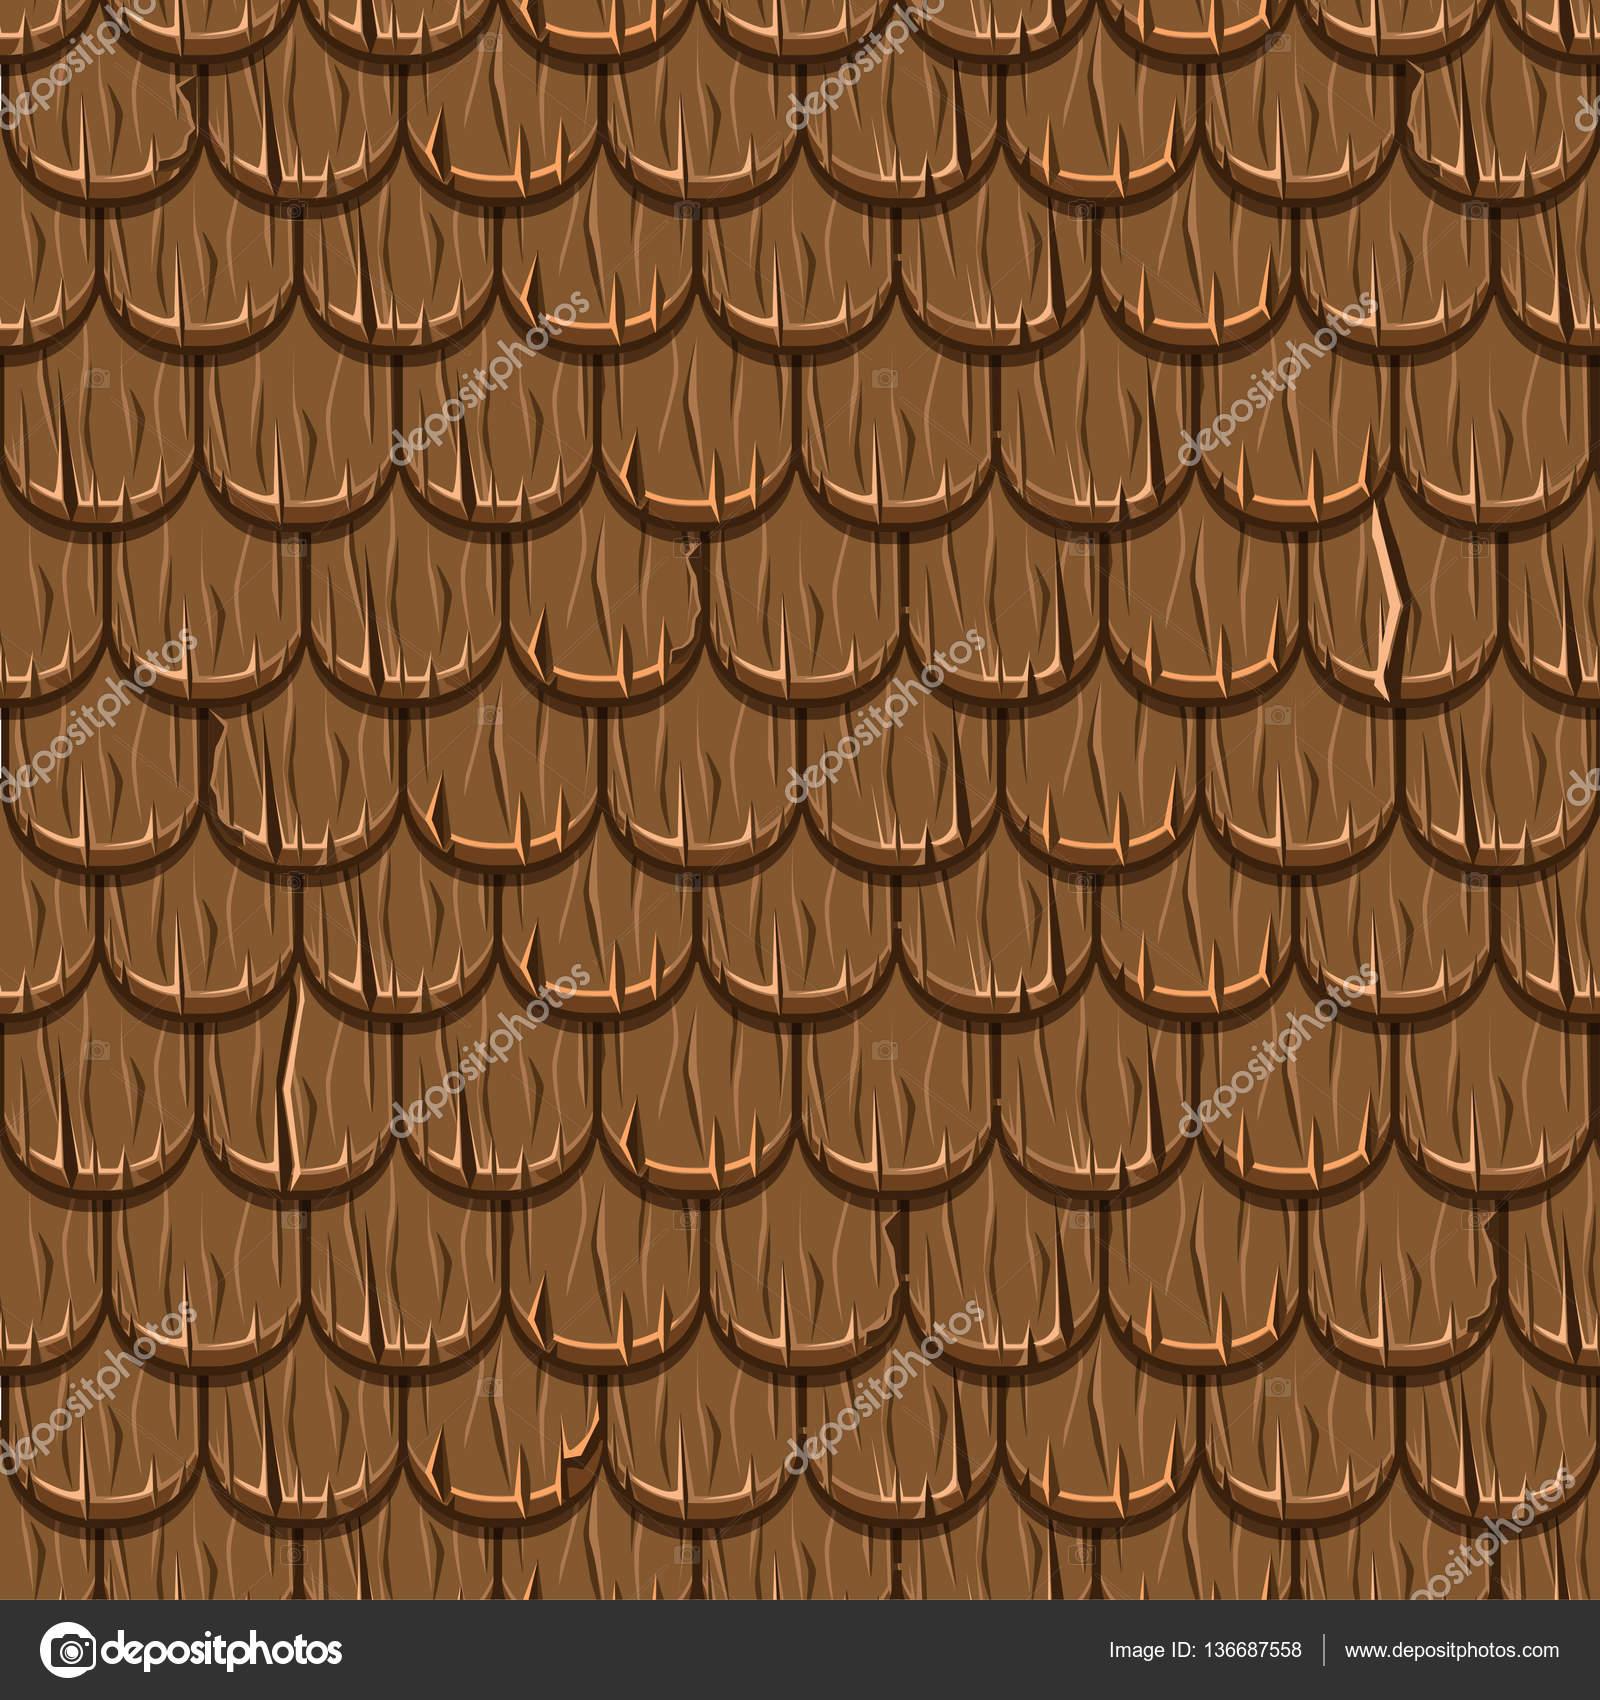 Kahverengi ah ap eski at kiremit sorunsuz at kaplama for Imagenes de tejados de madera